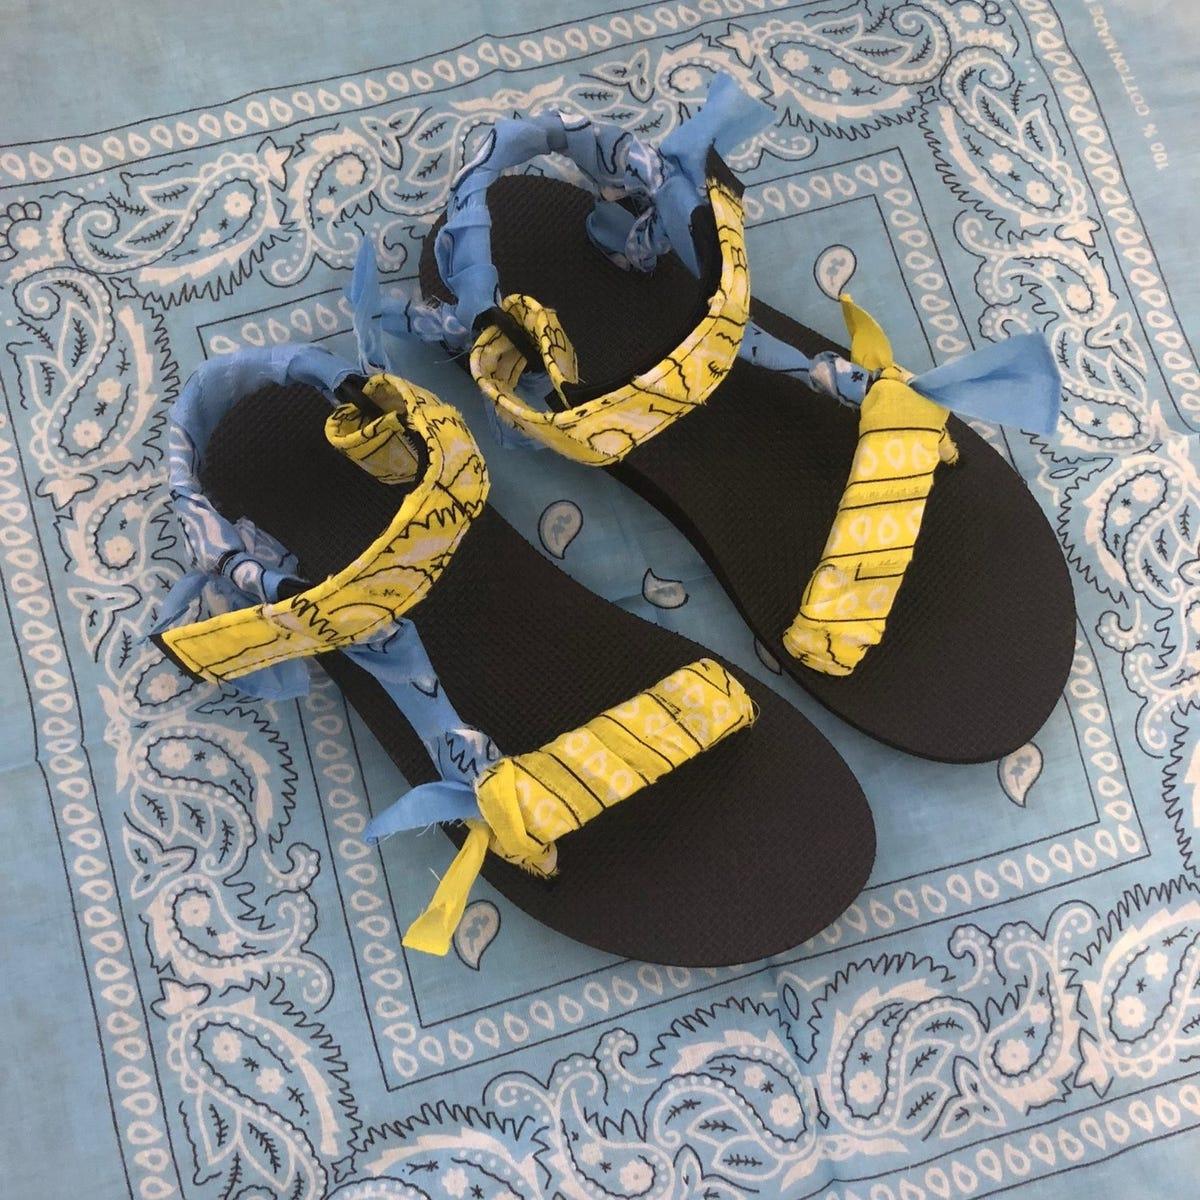 Sport Are Designer Teva A Big Womens Sandals Trend Like j43ARq5L